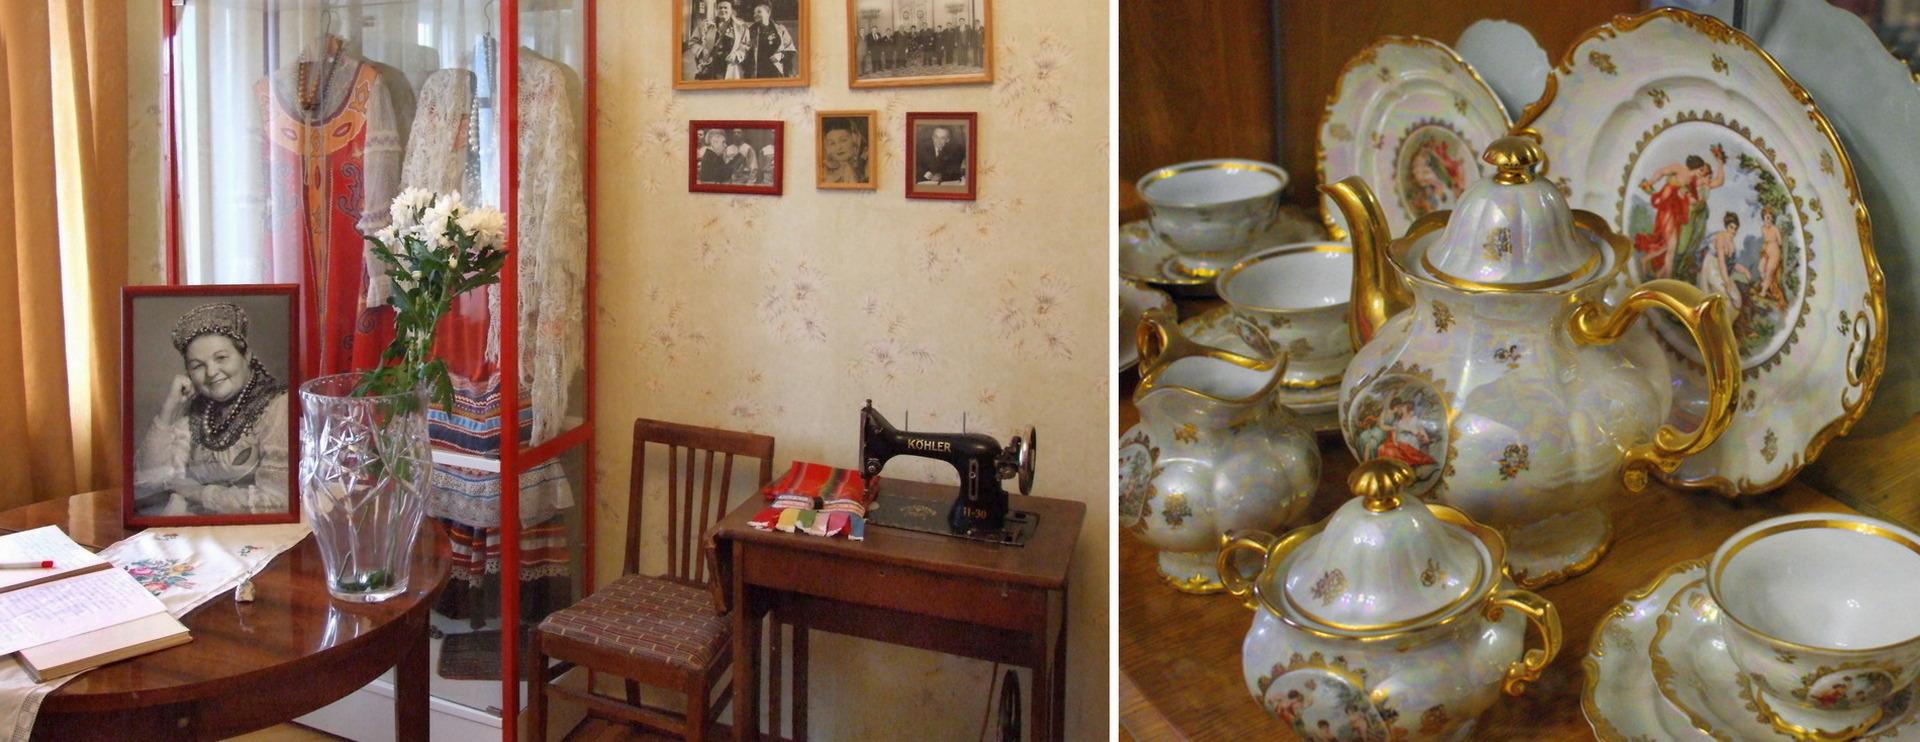 Музей Мордасовой Экспозиция